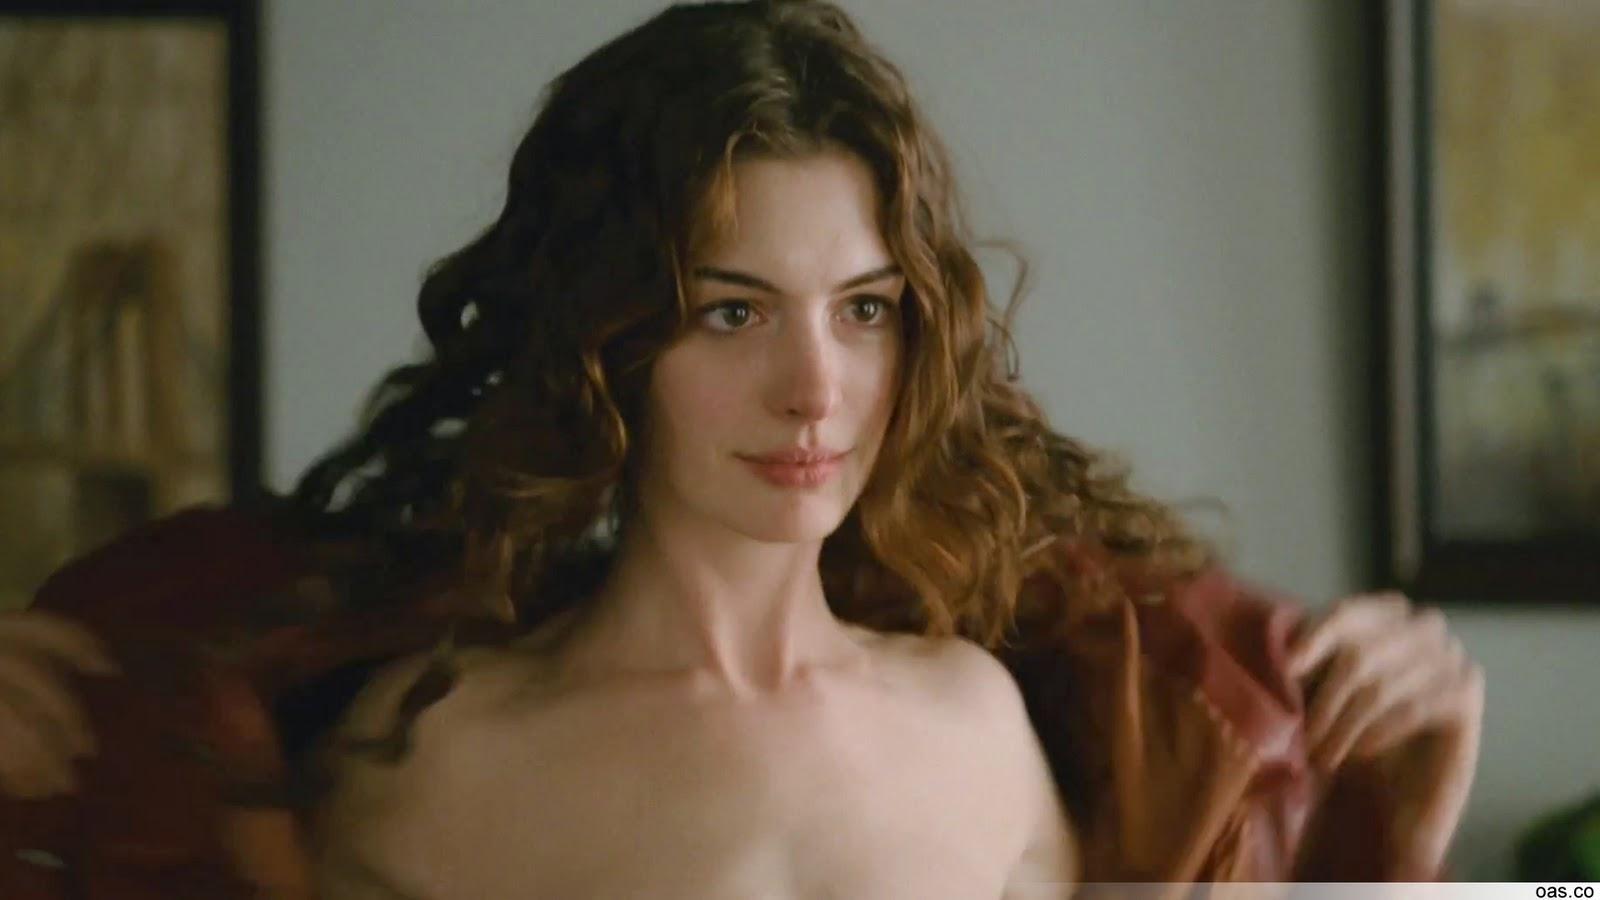 http://3.bp.blogspot.com/_fxGuwquBG10/TQAt4CmQAQI/AAAAAAAAAzY/2b5dsjh2E98/s1600/anne+hathaway+breasts.jpg